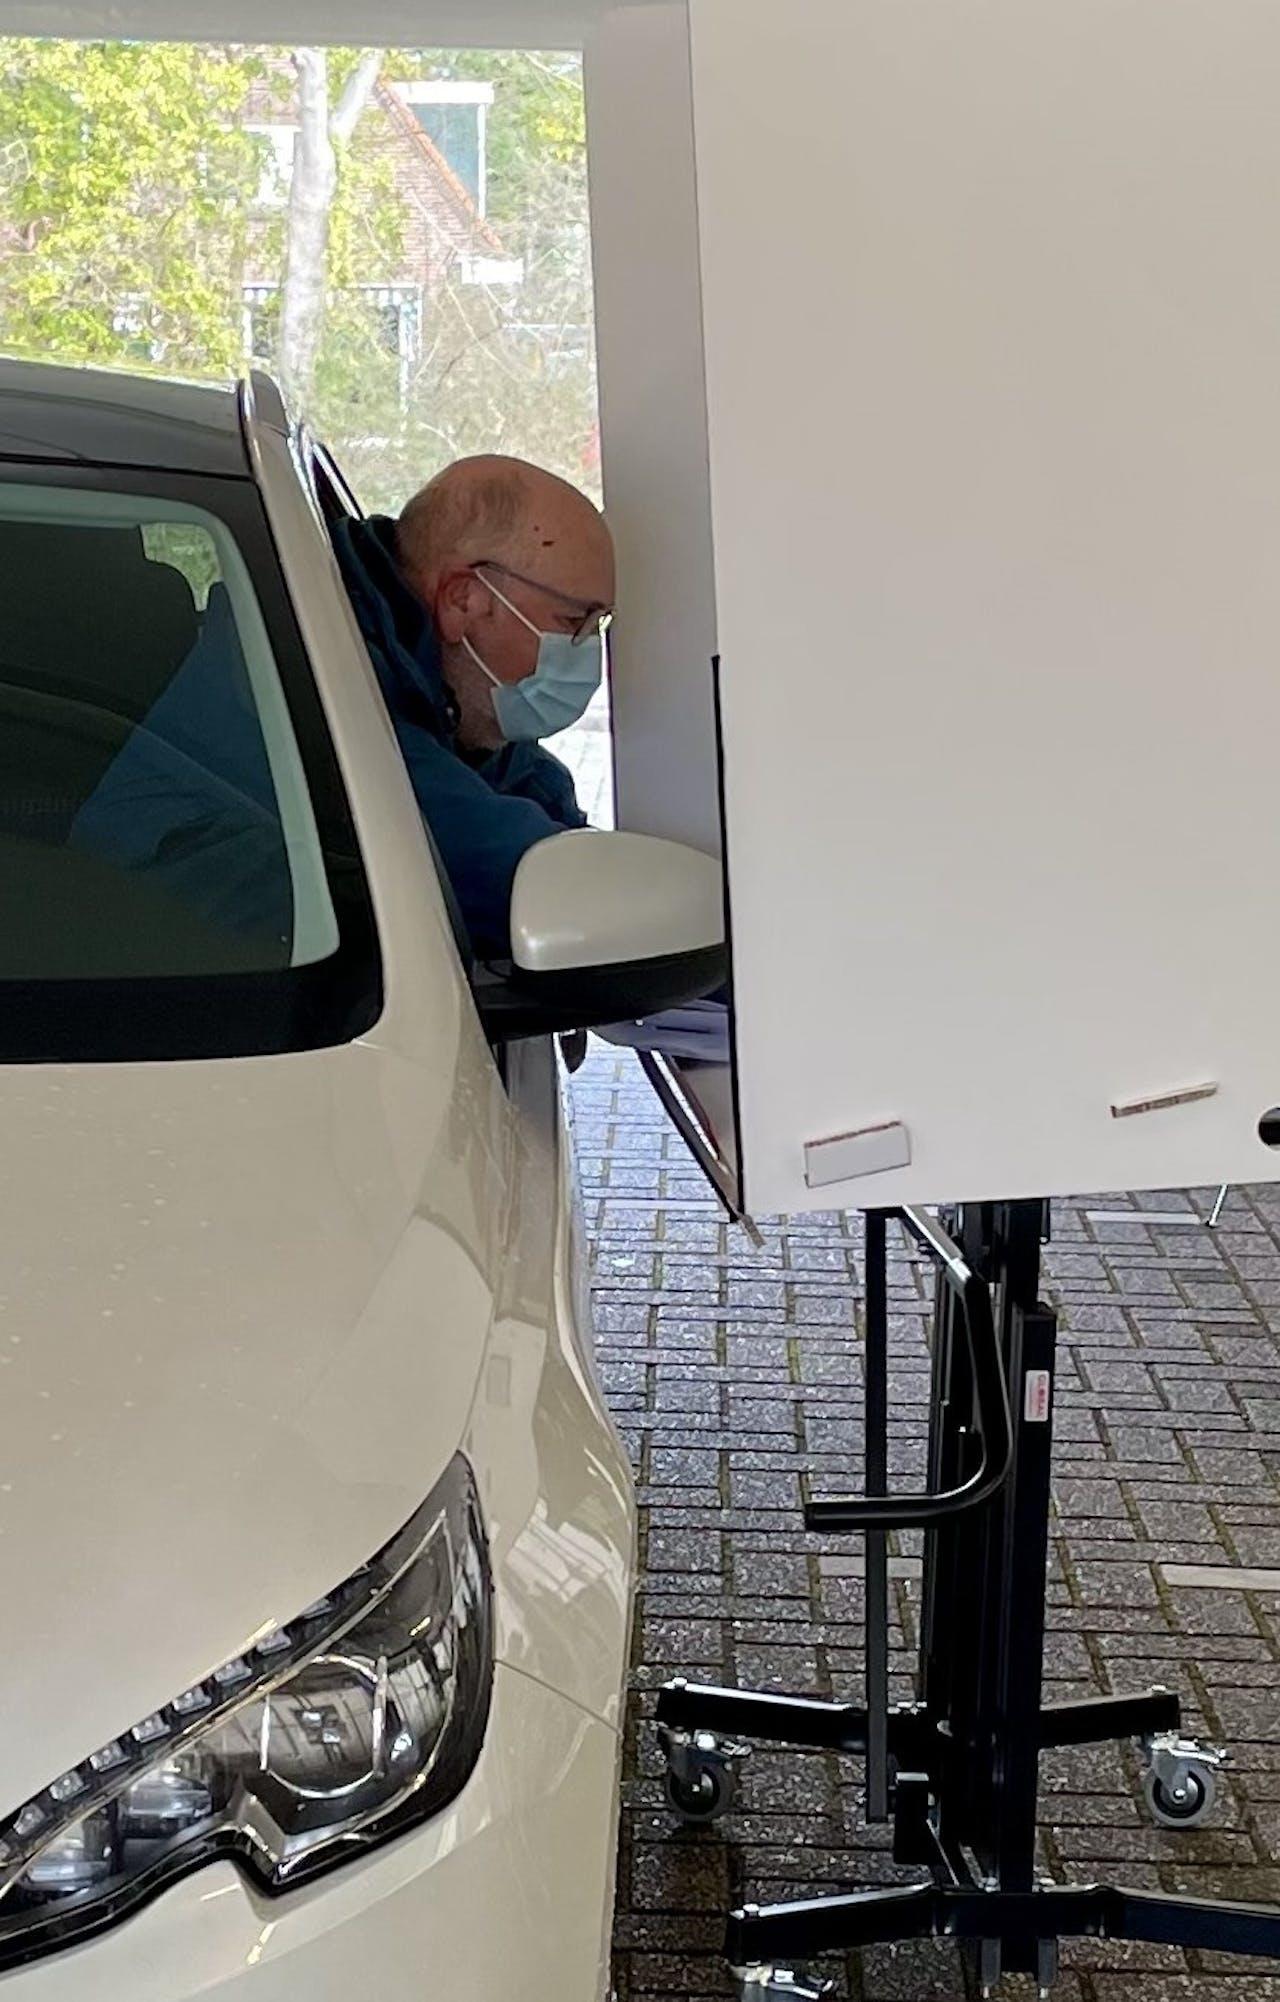 Drive-thru-stembureau Spijkenisse